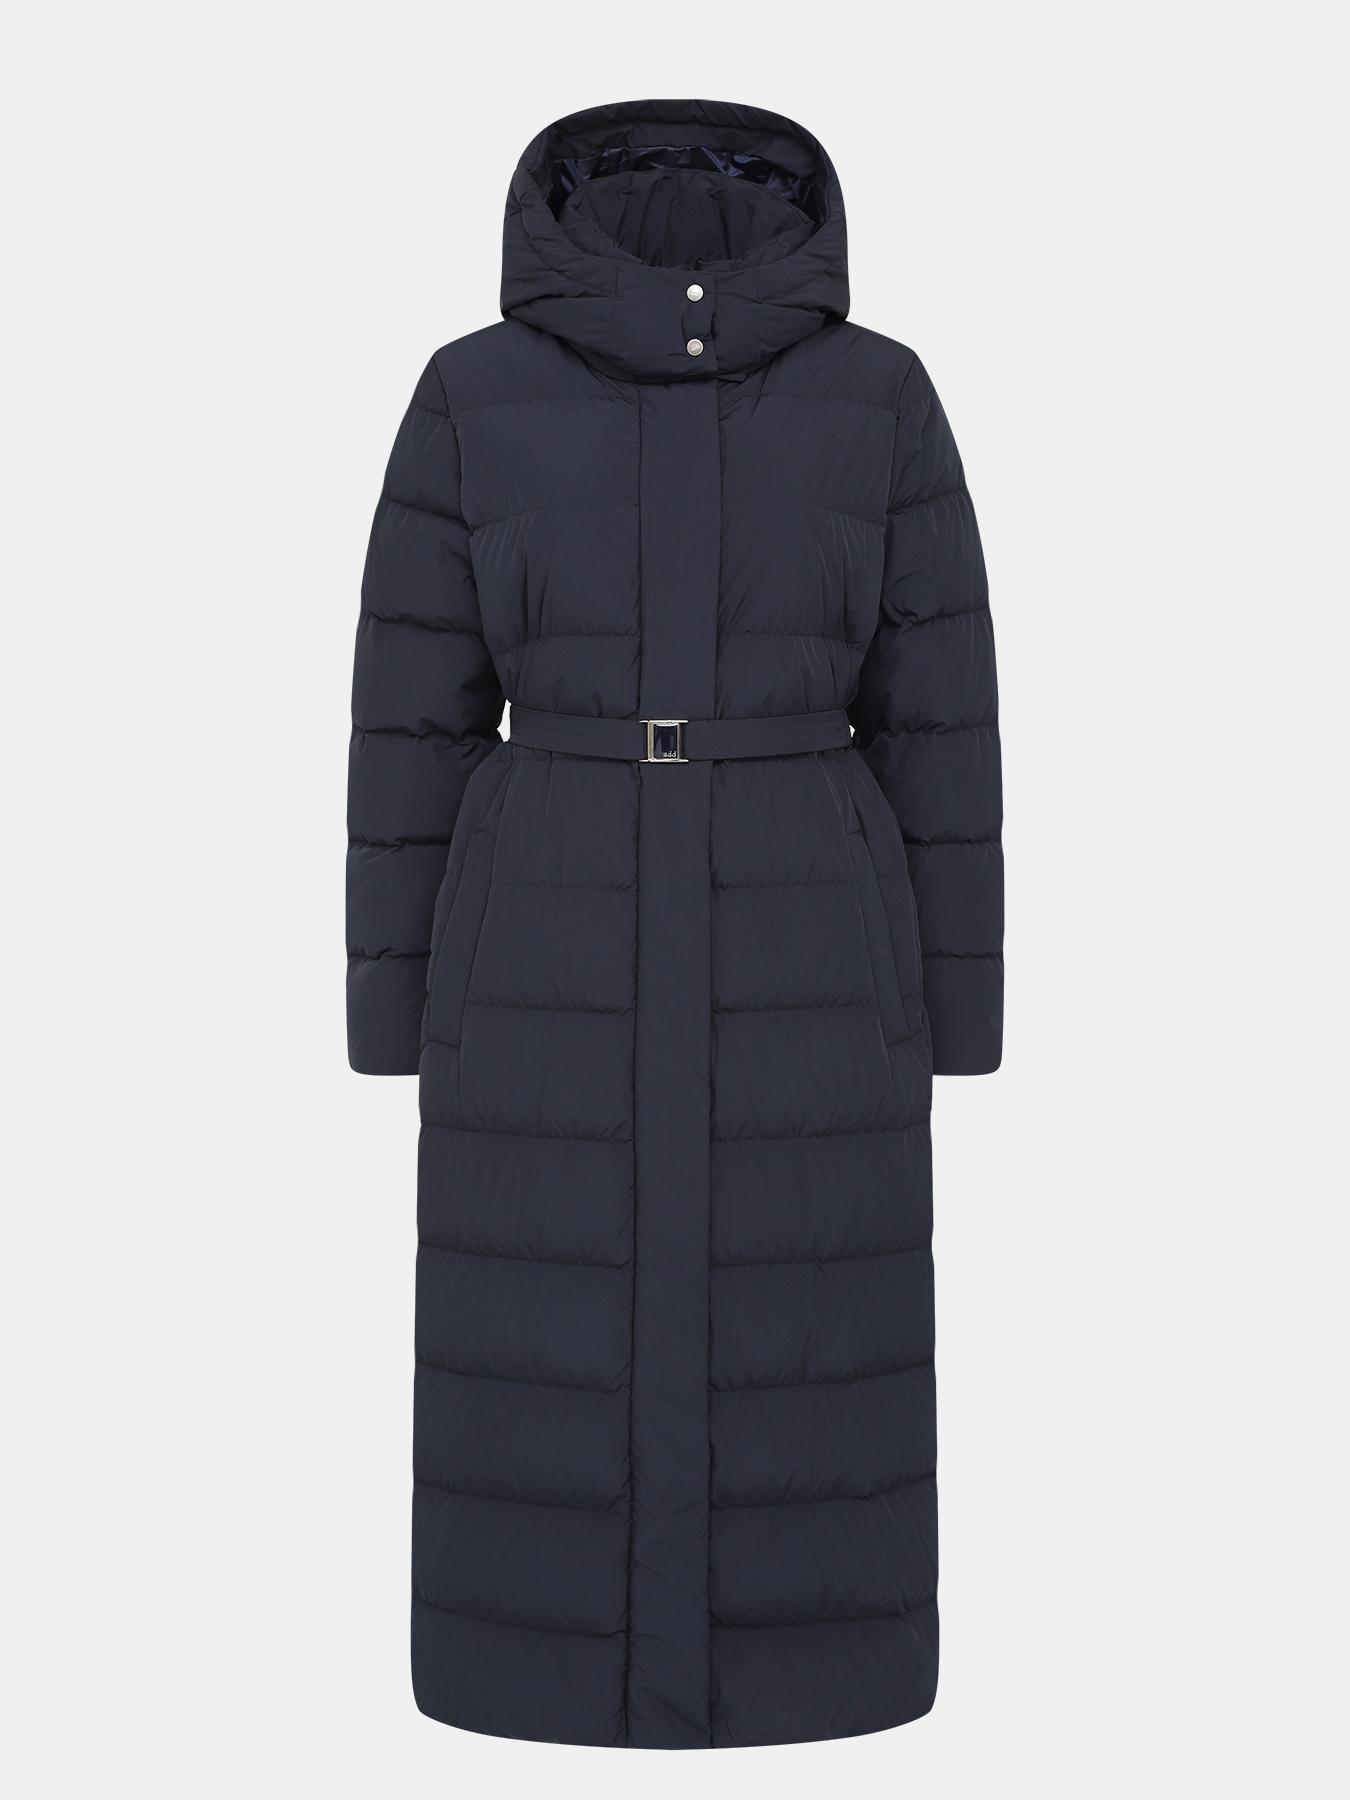 Пальто ADD Пальто зимнее